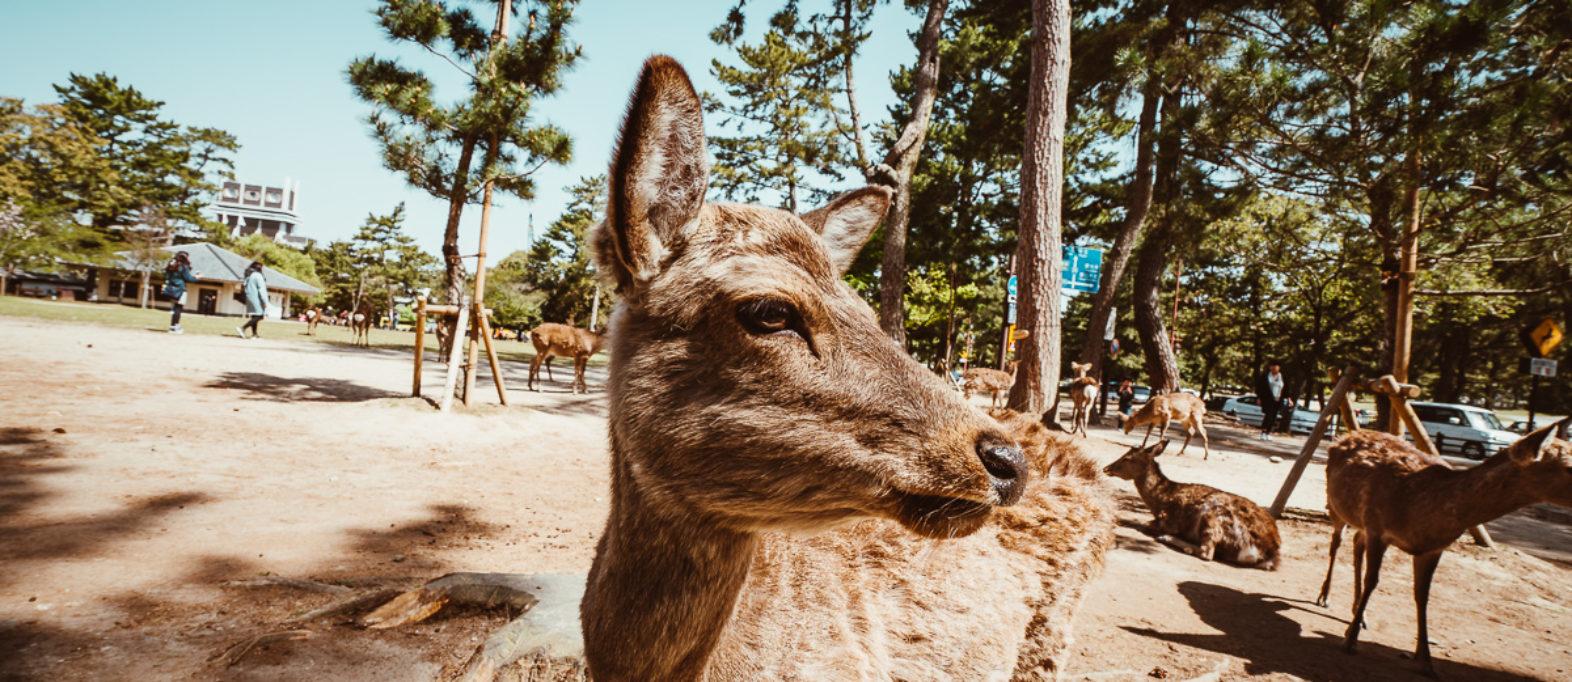 Entdecke Nara in 24 Stunden auf eigene Faust